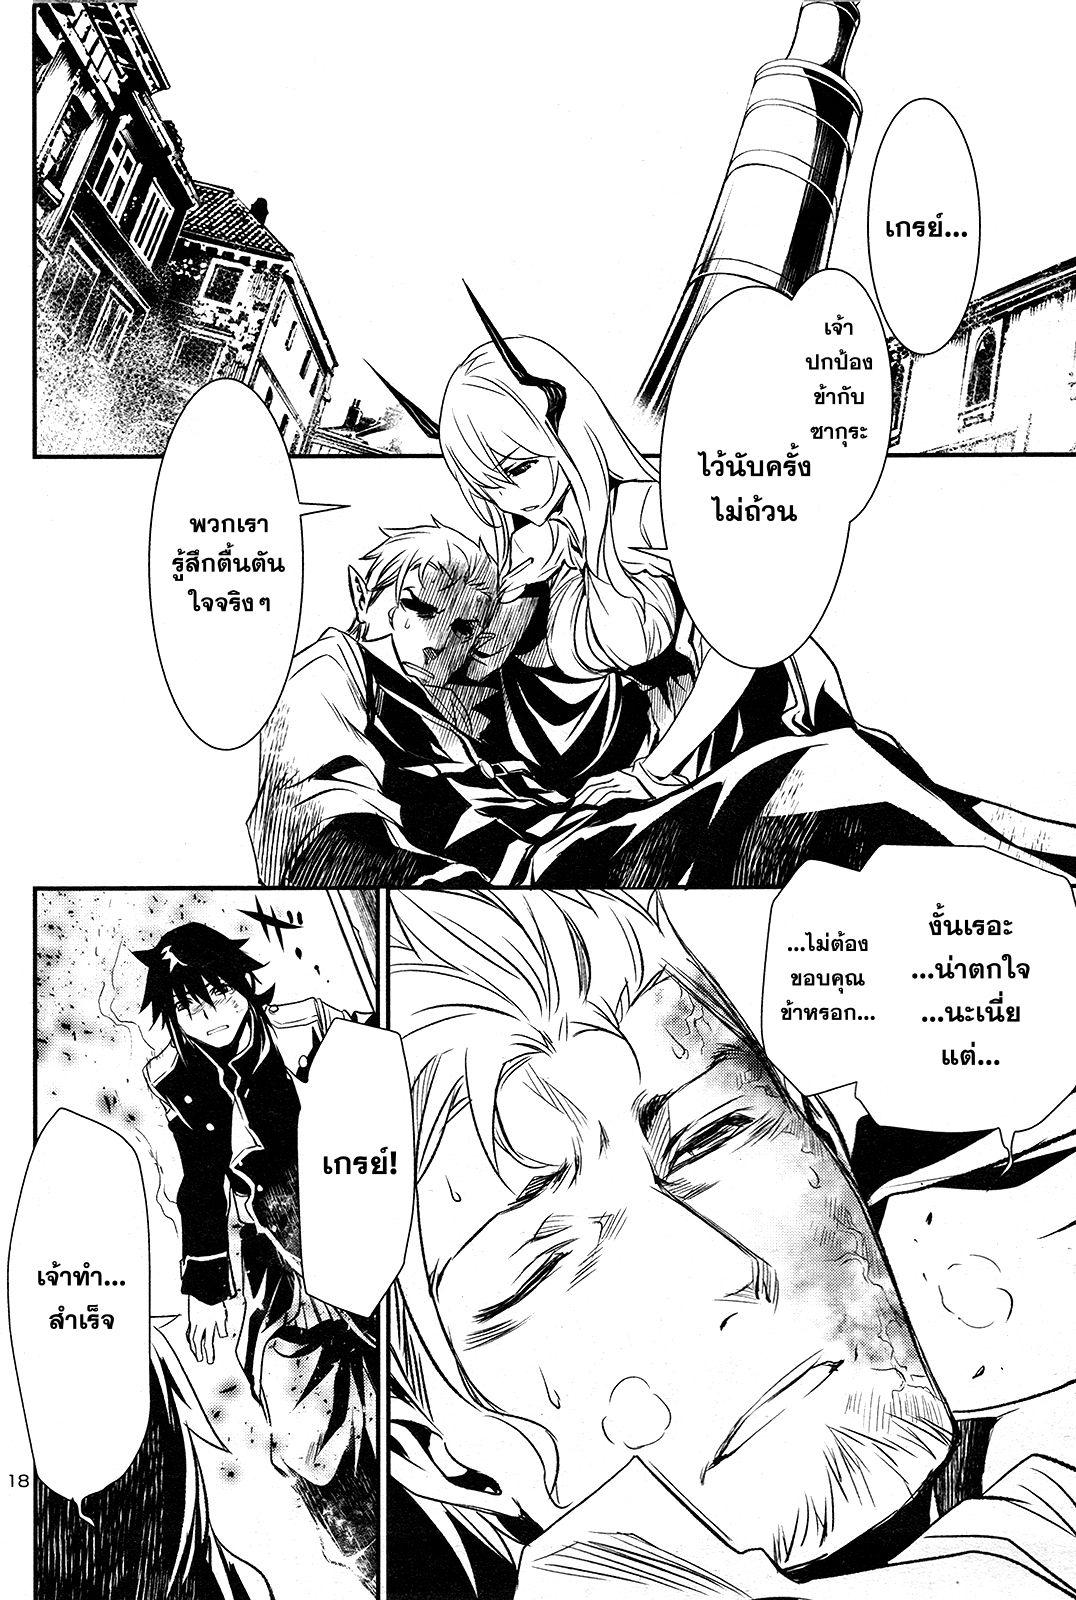 อ่านการ์ตูน Shinju no Nectar ตอนที่ 4 หน้าที่ 18